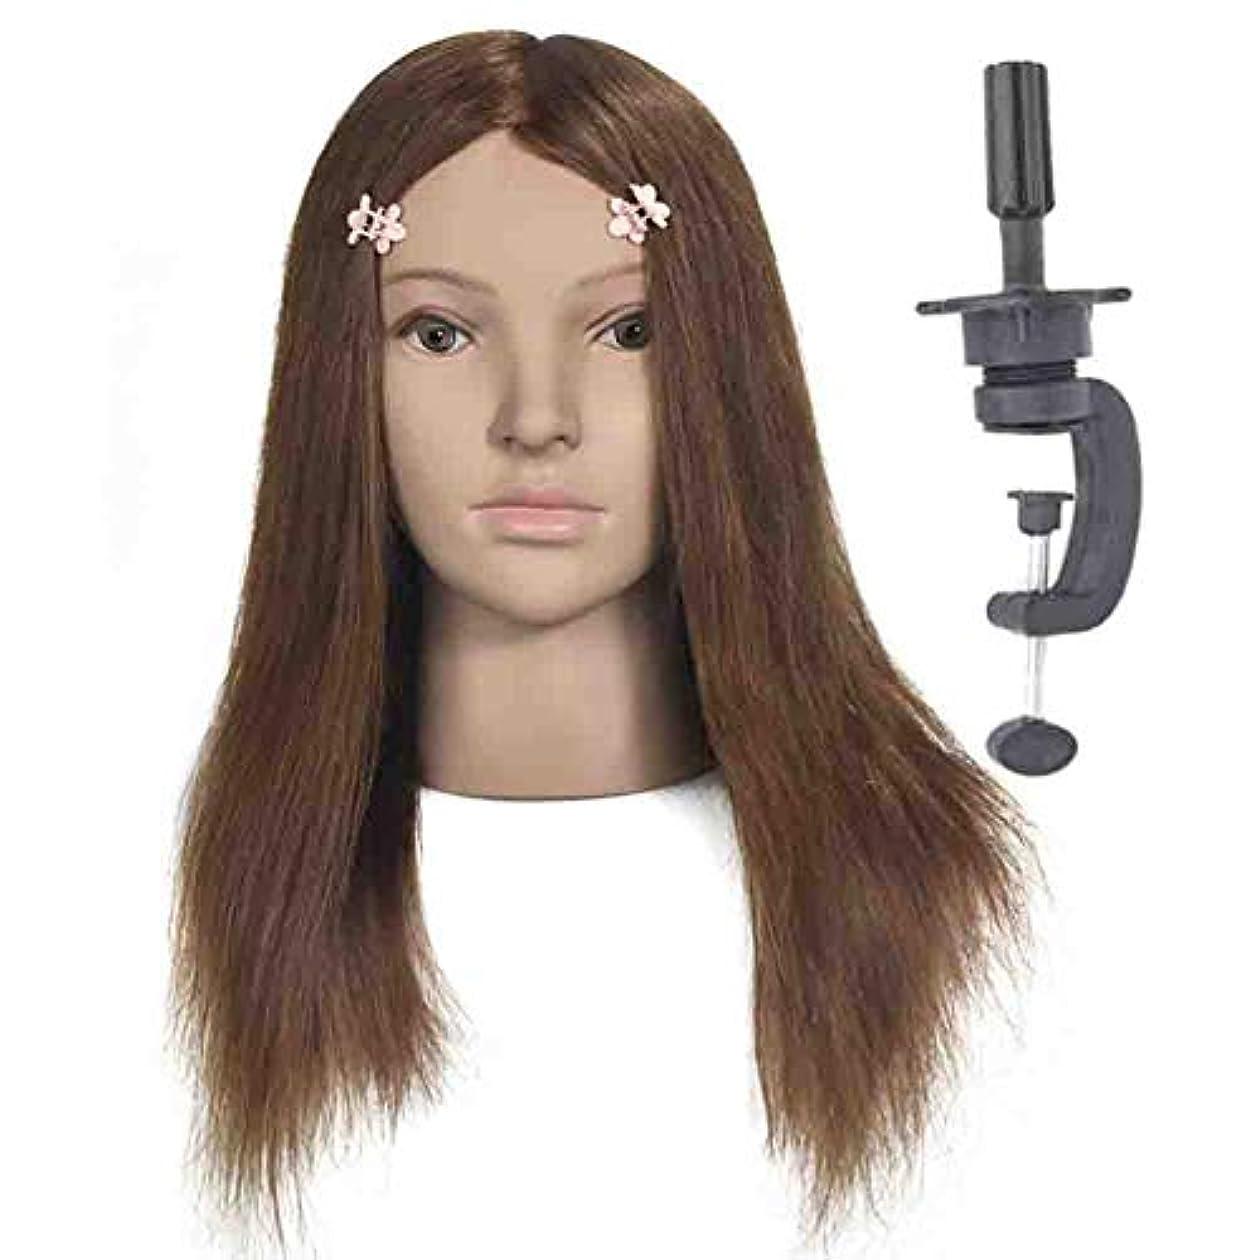 スペクトラム口径冒険100%本物の髪型モデルヘッド花嫁ヘアエクササイズヘッド金型理髪店学習ダミーヘッドはパーマ毛髪染料することができます